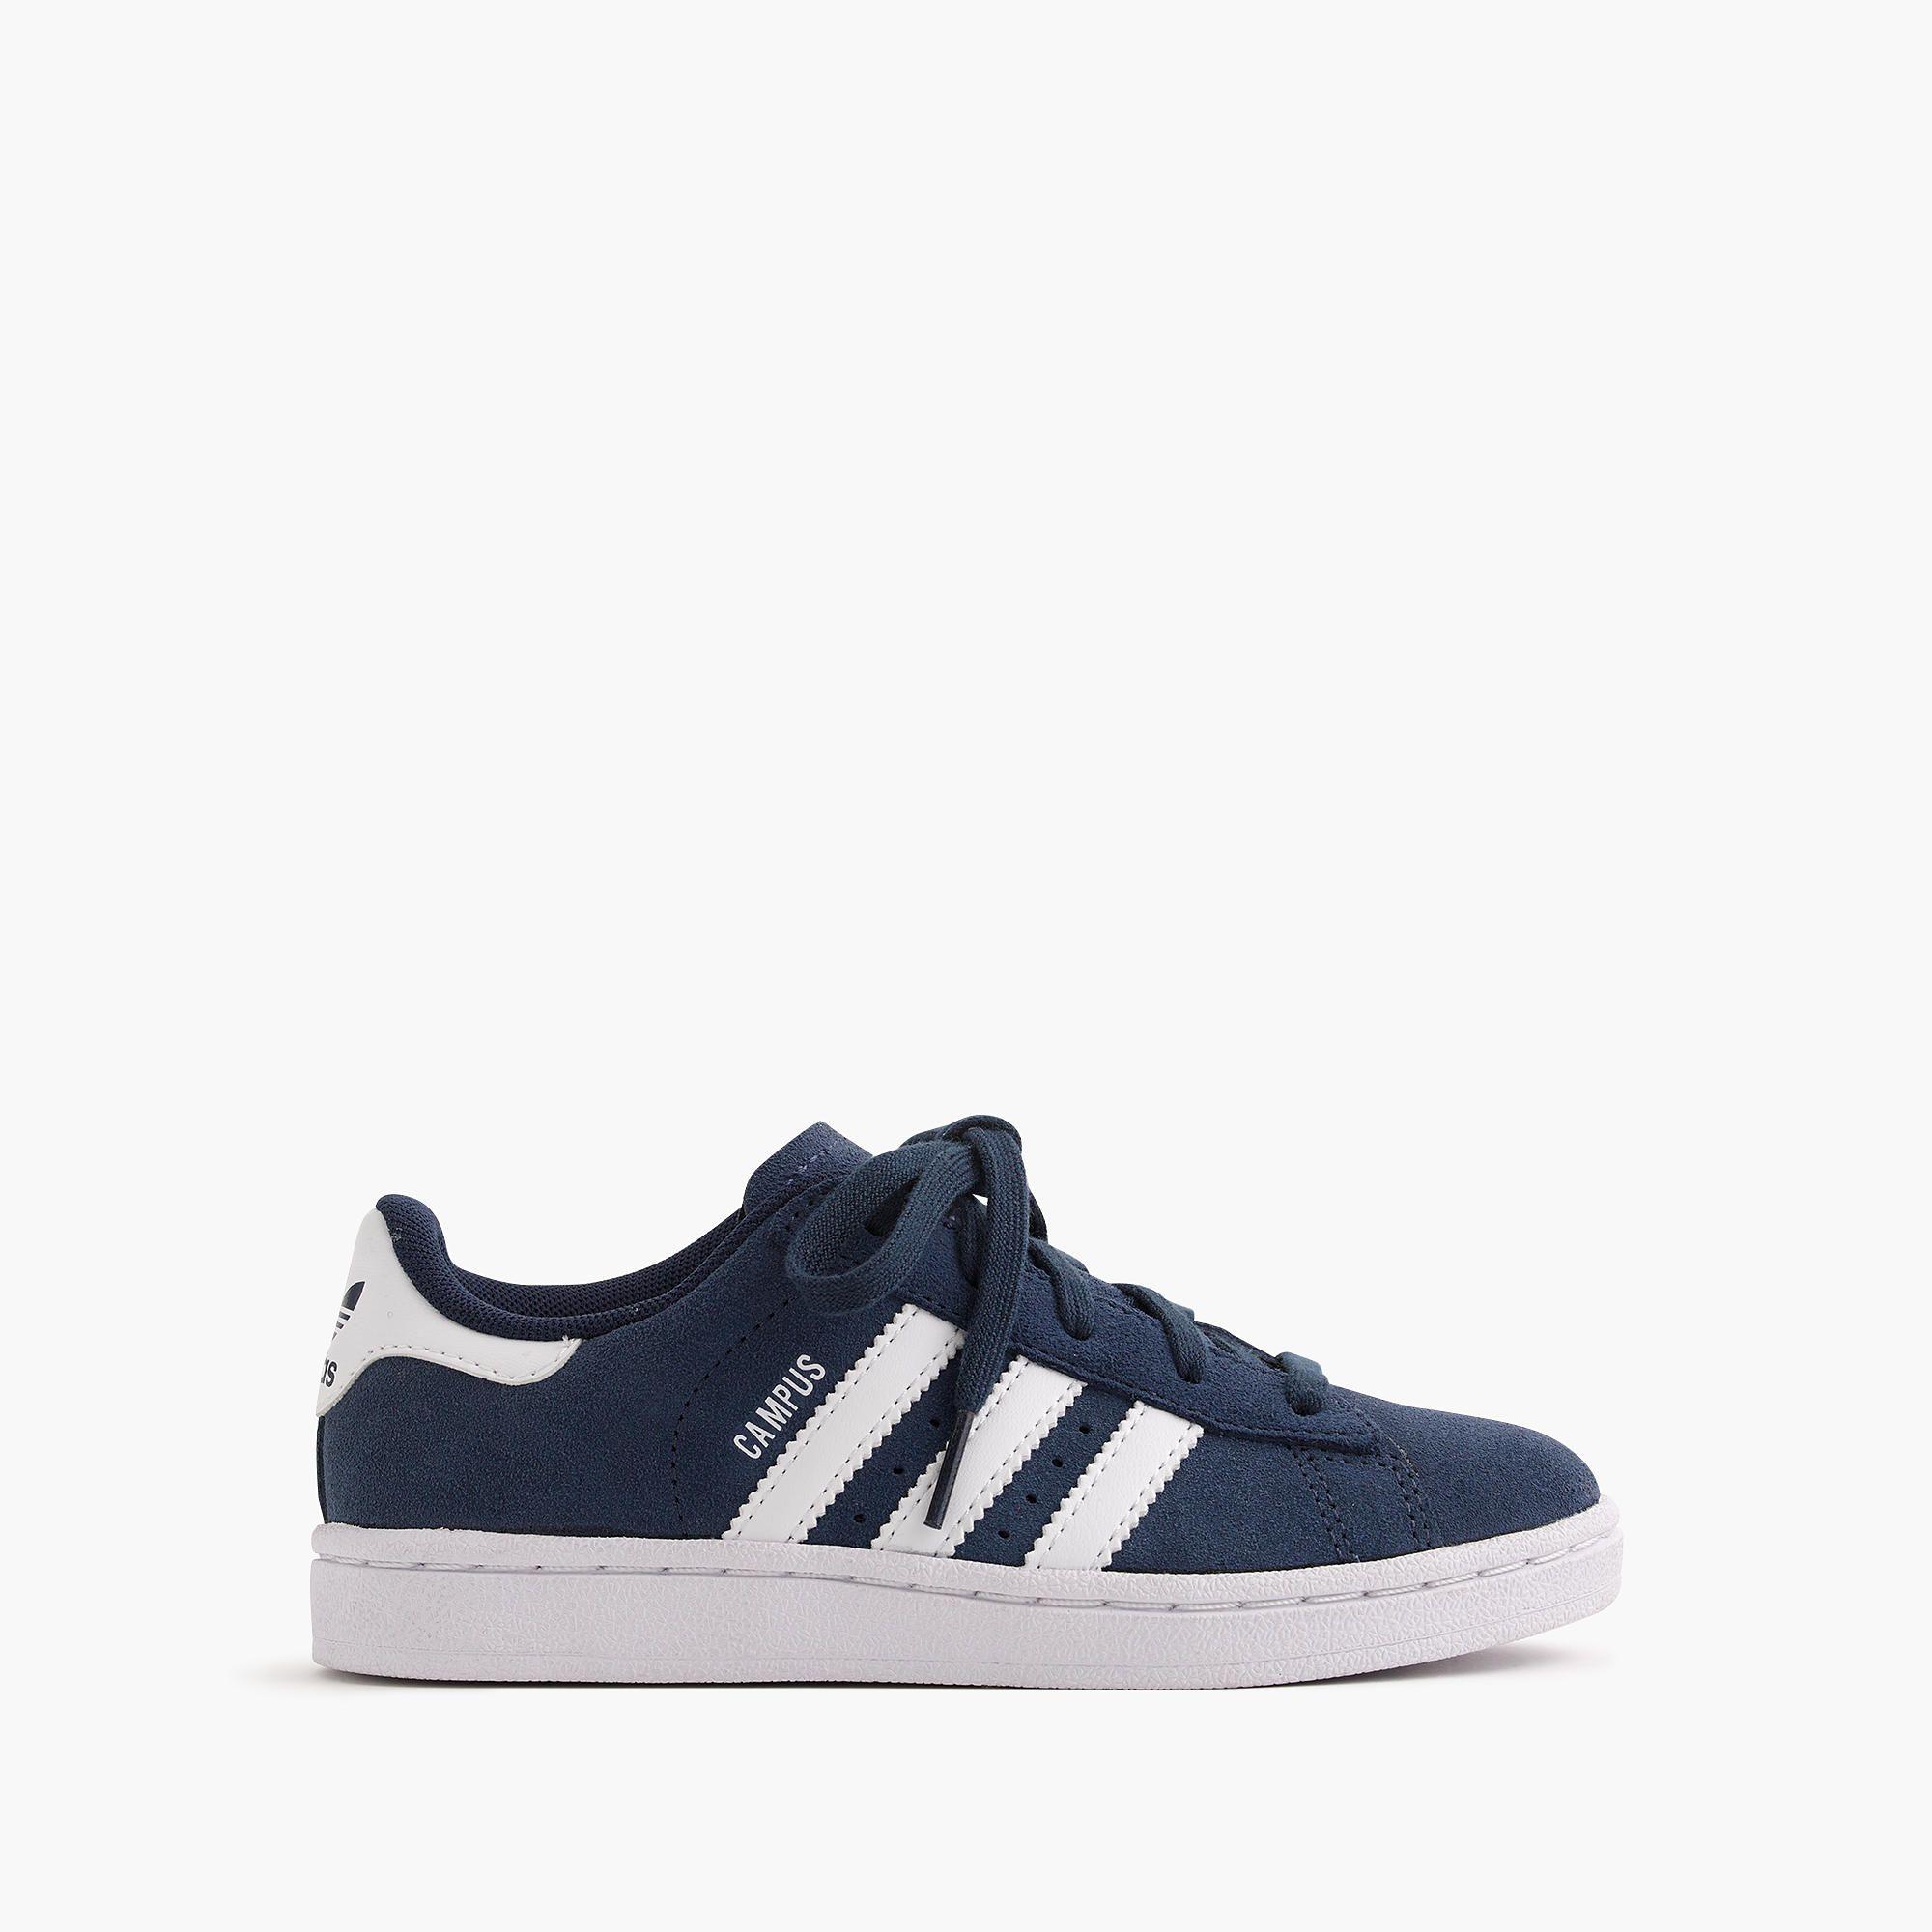 Zapatos azul marino Adidas Campus infantiles o5zKB